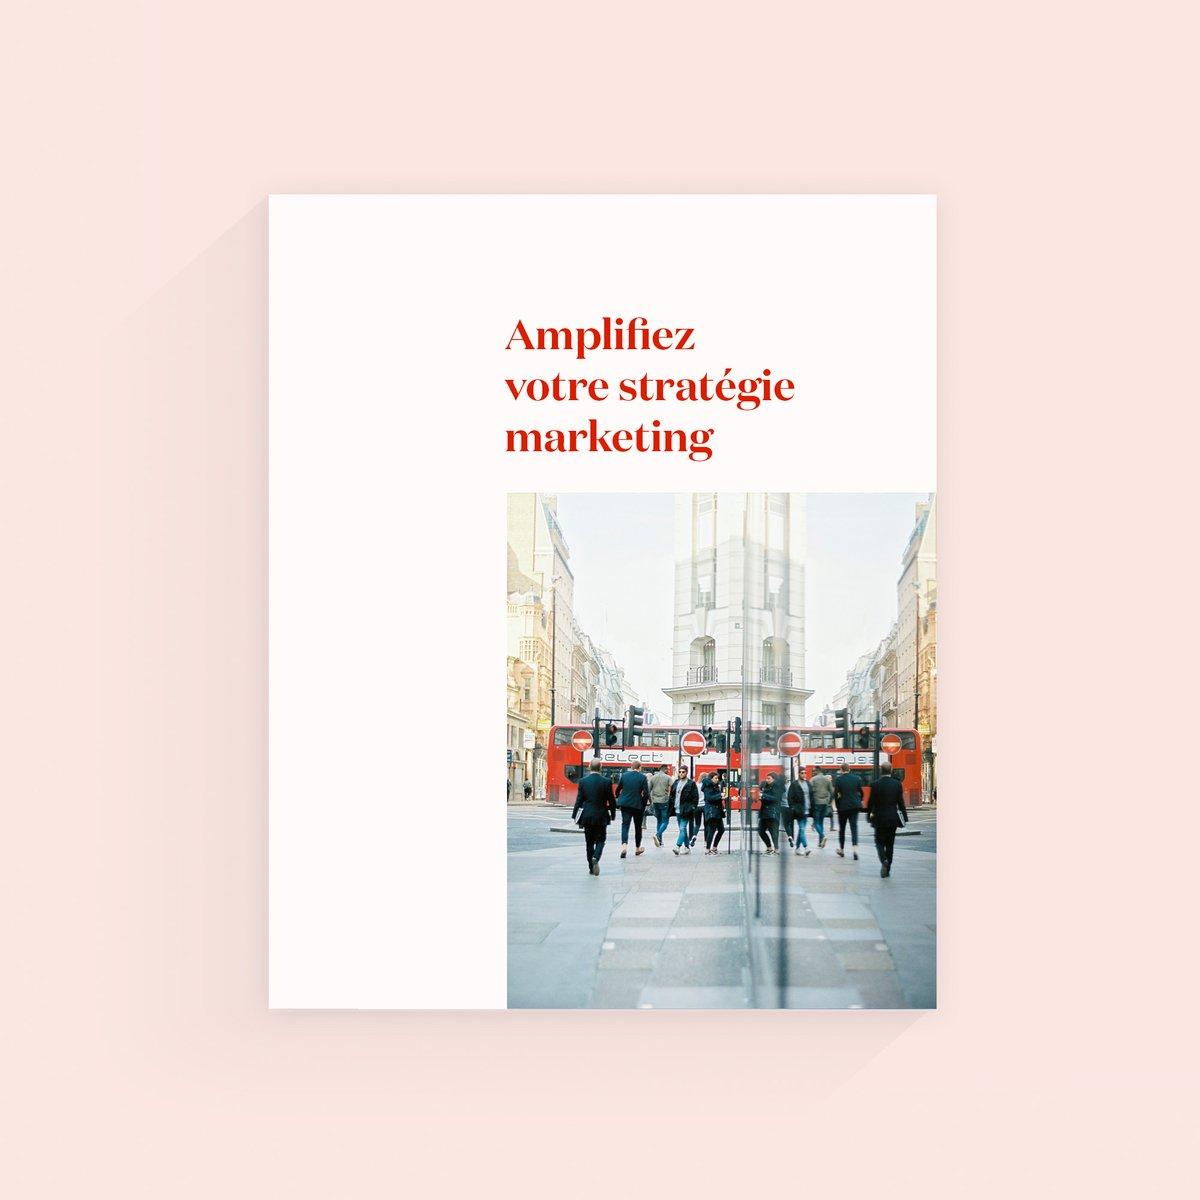 Image of Amplifiez votre stratégie marketing